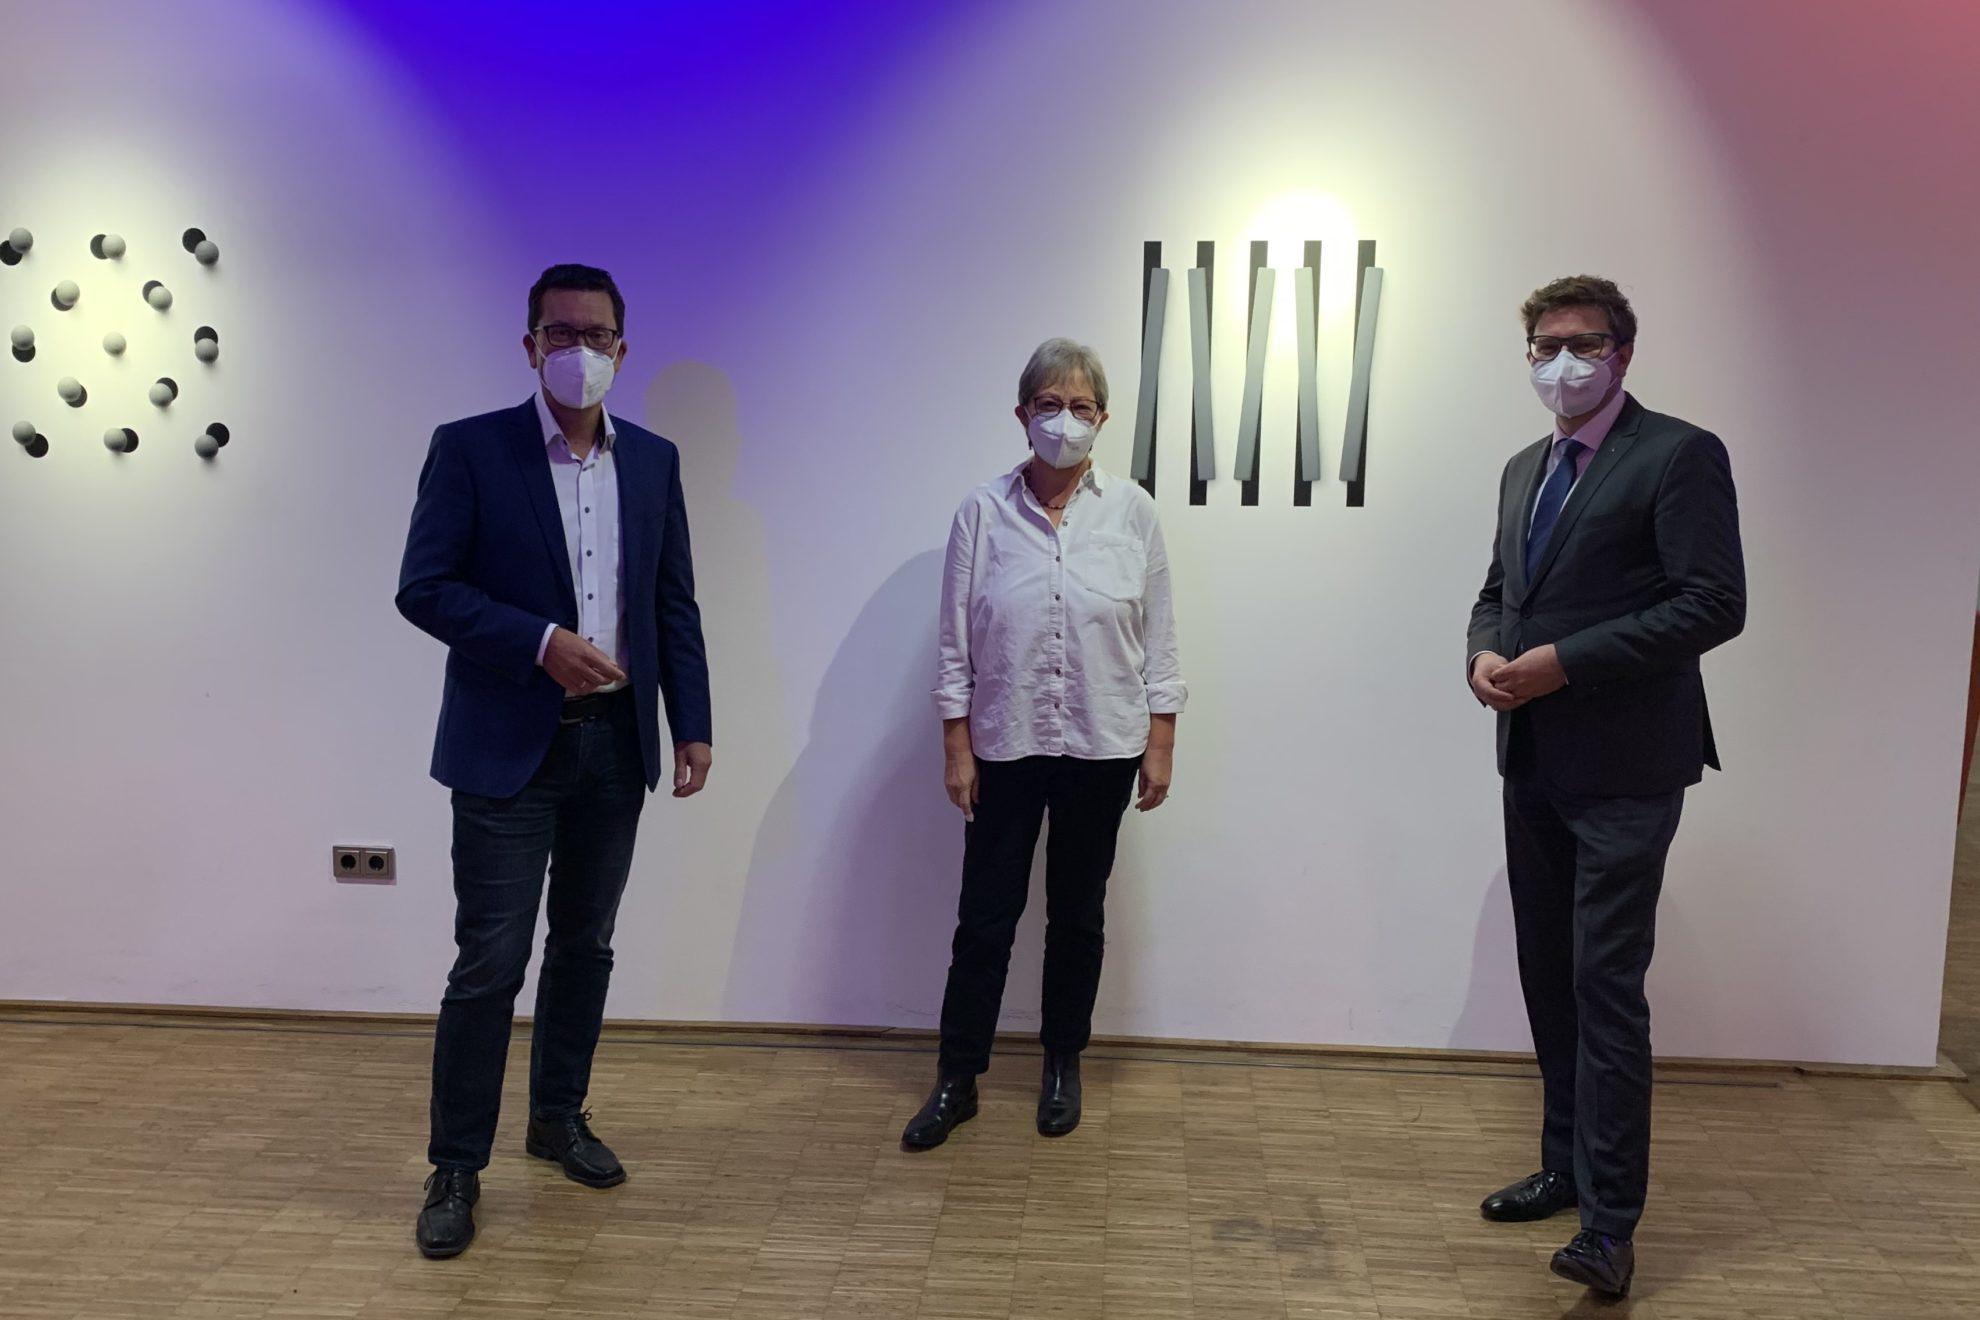 Dierk Timm, Marita Pörner und Torsten Rekewitz im Foyer des Medios, wo der konstituierende Kreistag stattfand.